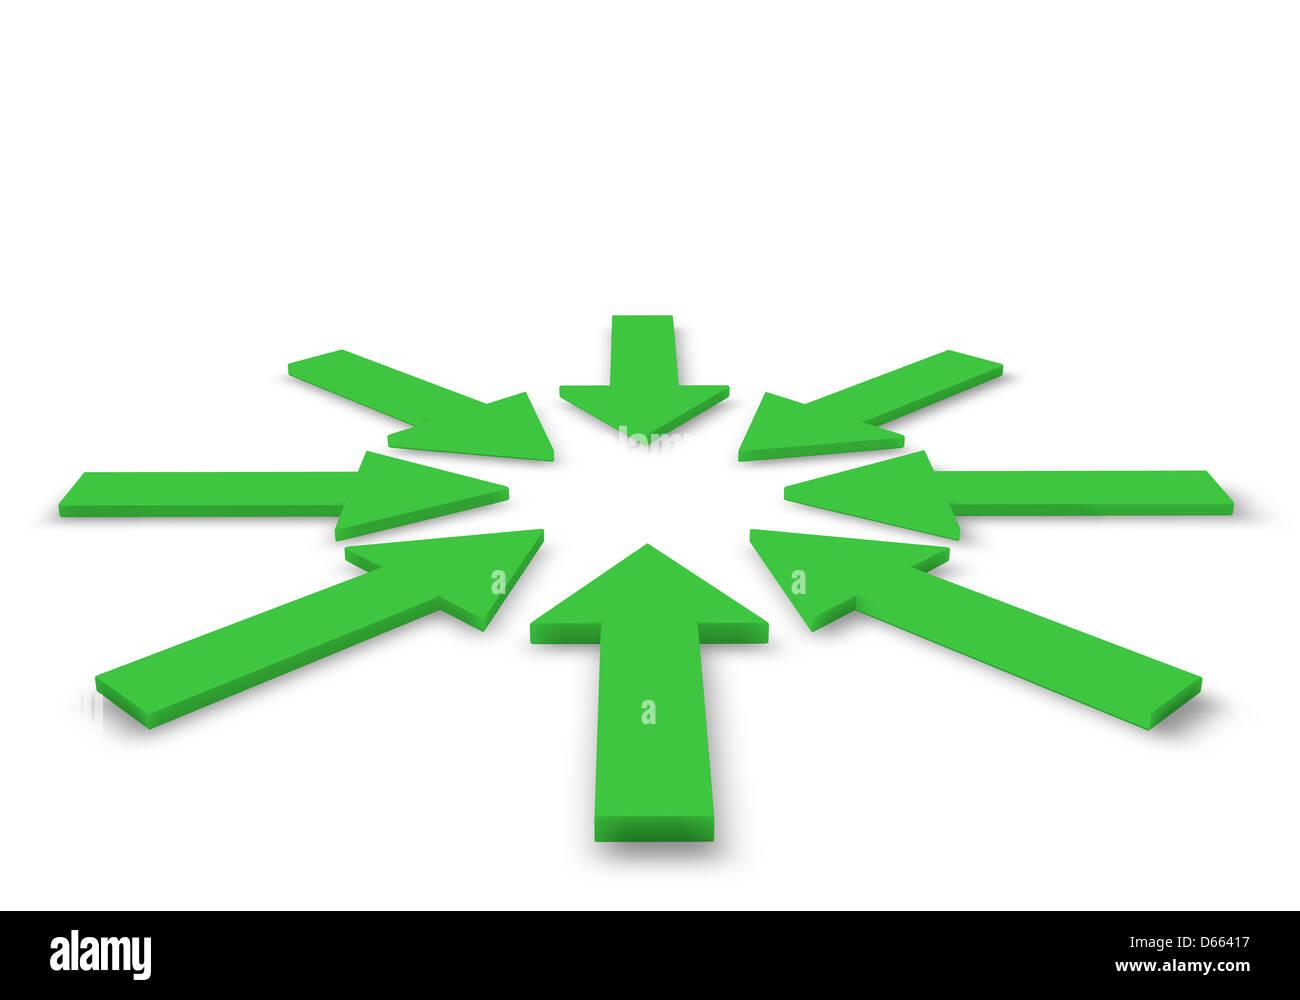 Las flechas verdes en la ilustración 3D Imagen De Stock